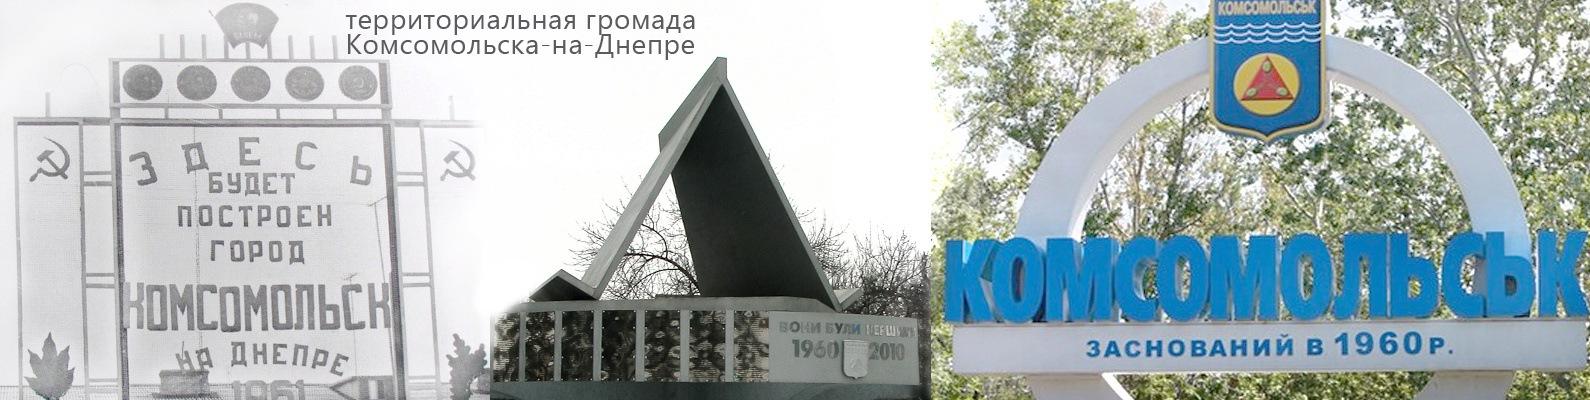 Секс в парке комсомольска